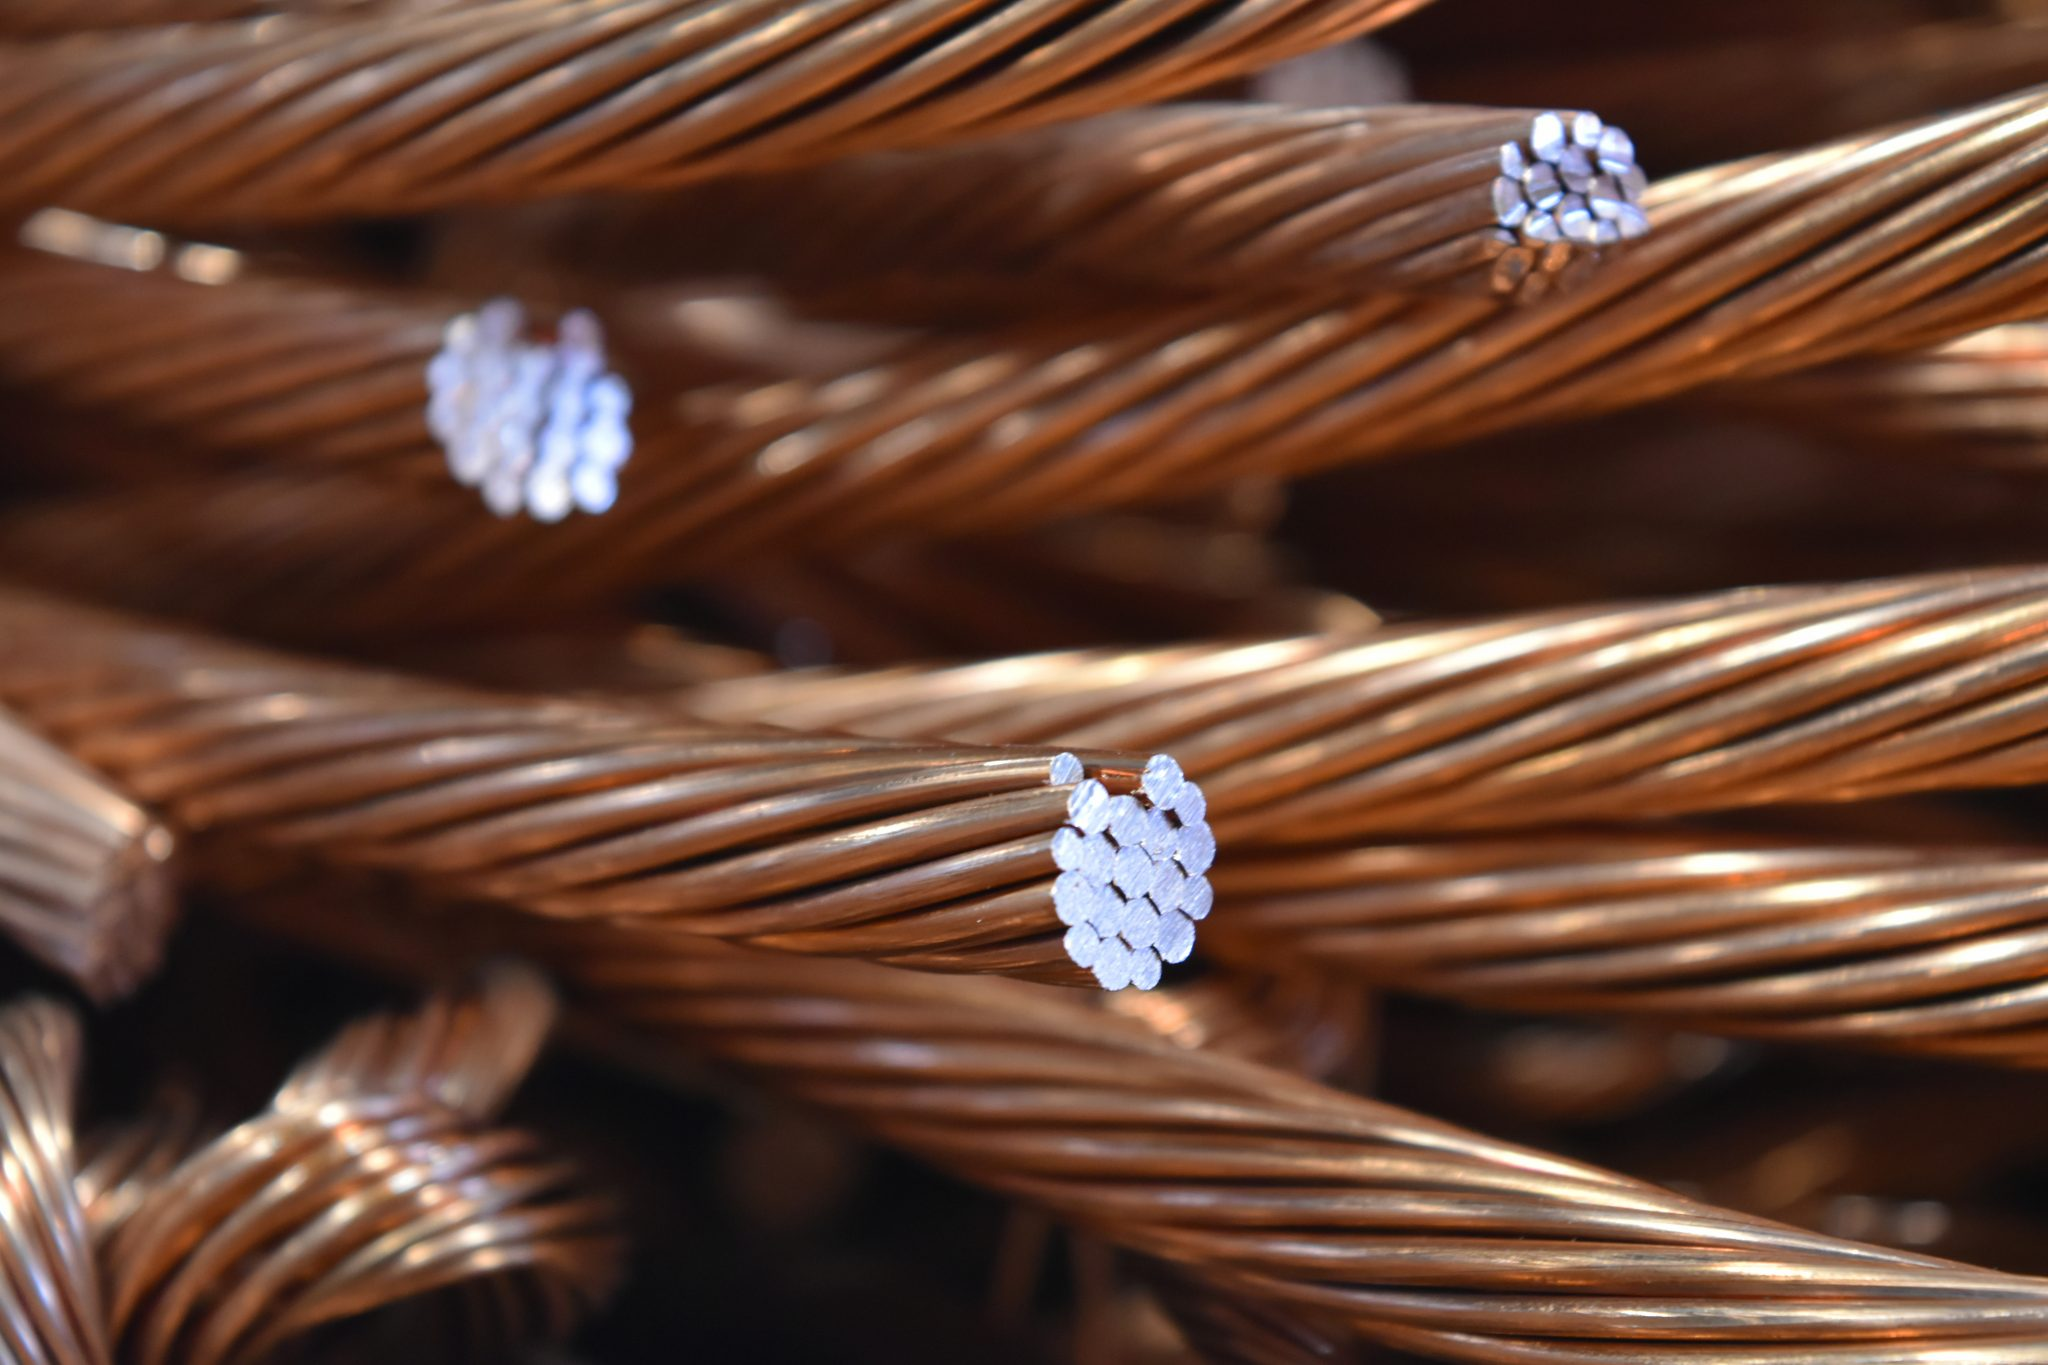 1 Bare Bright Copper Wire